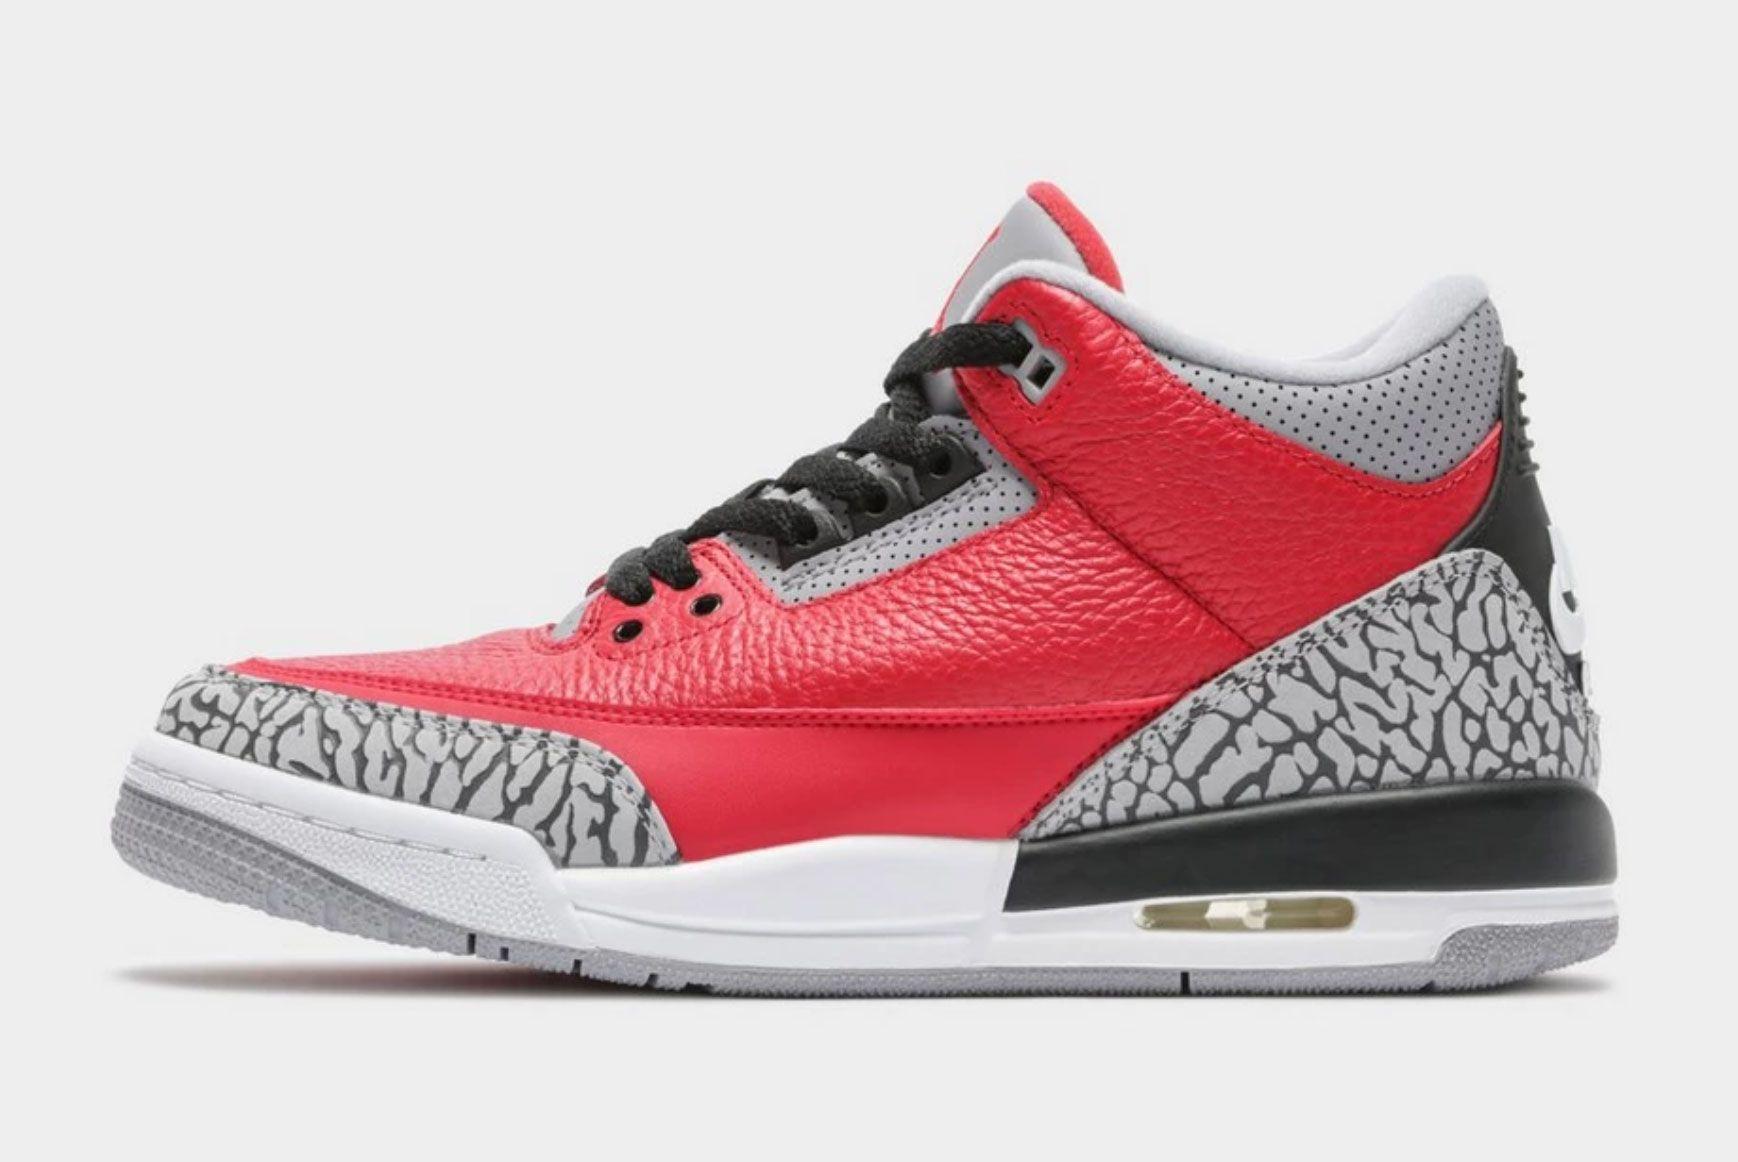 Air Jordan 3 GS 'Fire Red'